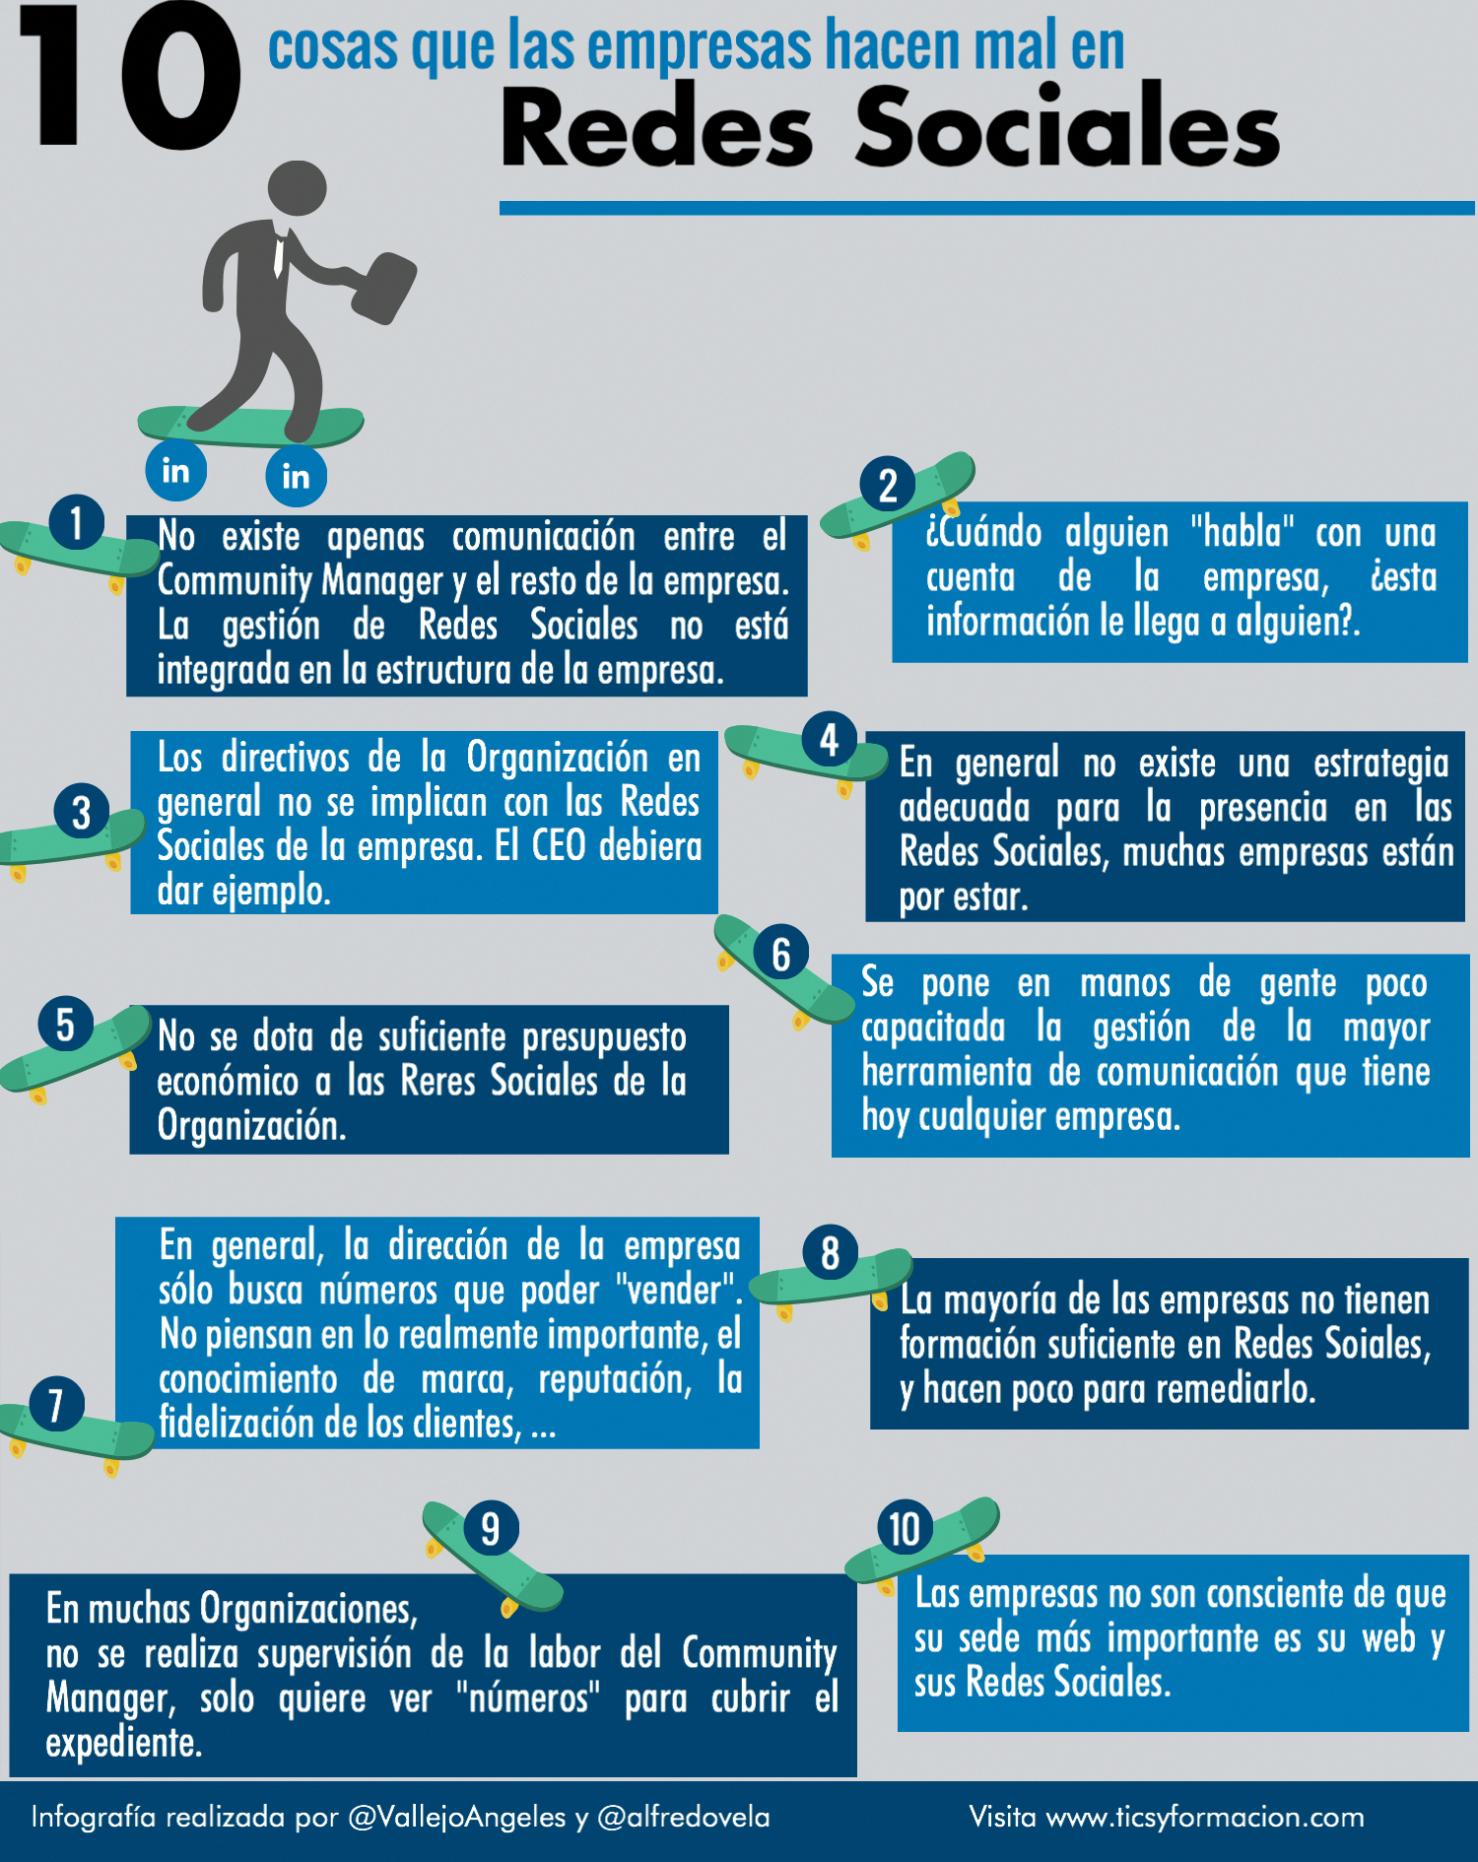 10 Cosas Que Hacen Muy Mal Las Empresas En Redes Sociales Infografia Ideasdetrabajoen Marketing Strategy Social Media Internet Marketing Service Social Media